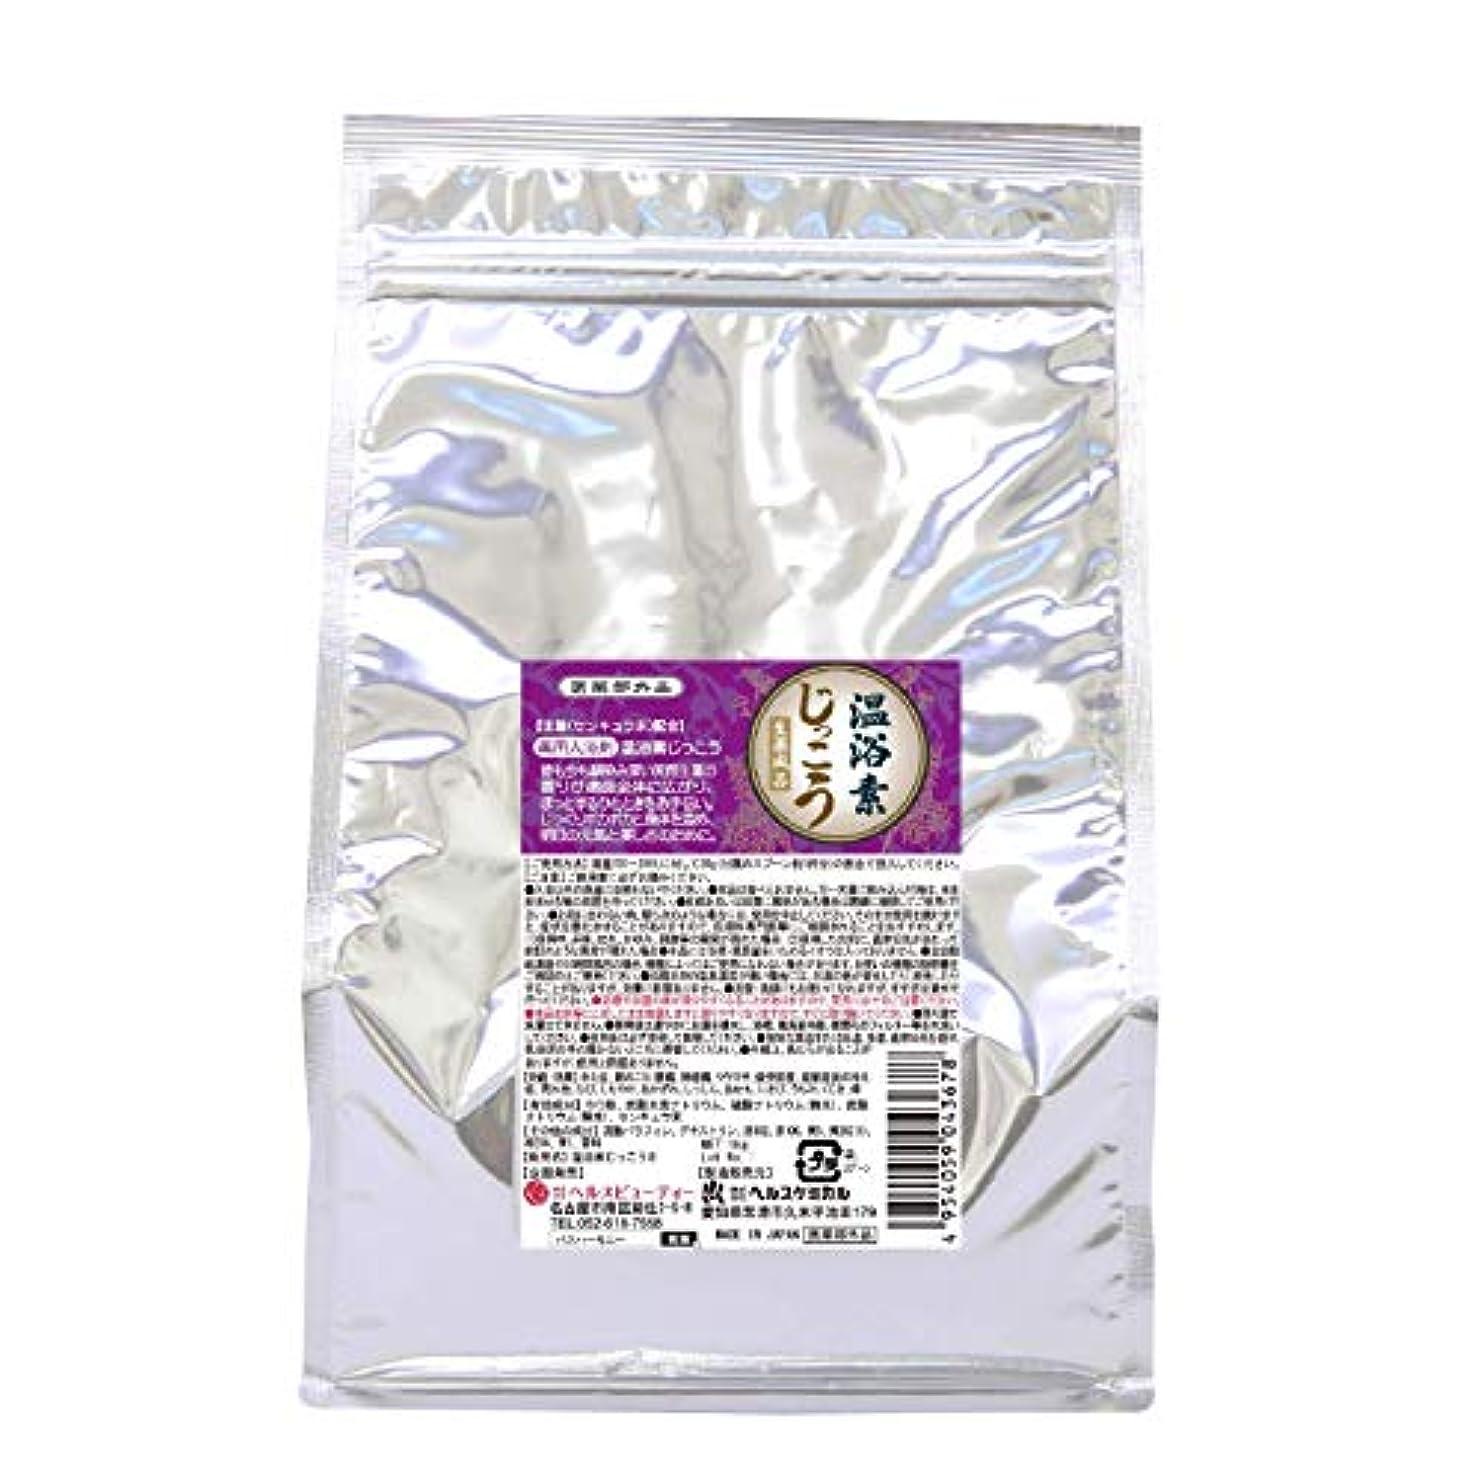 インセンティブシャーク放置入浴剤 湯匠仕込 温浴素じっこう 生薬 薬湯 1kg 50回分 お徳用 医薬部外品